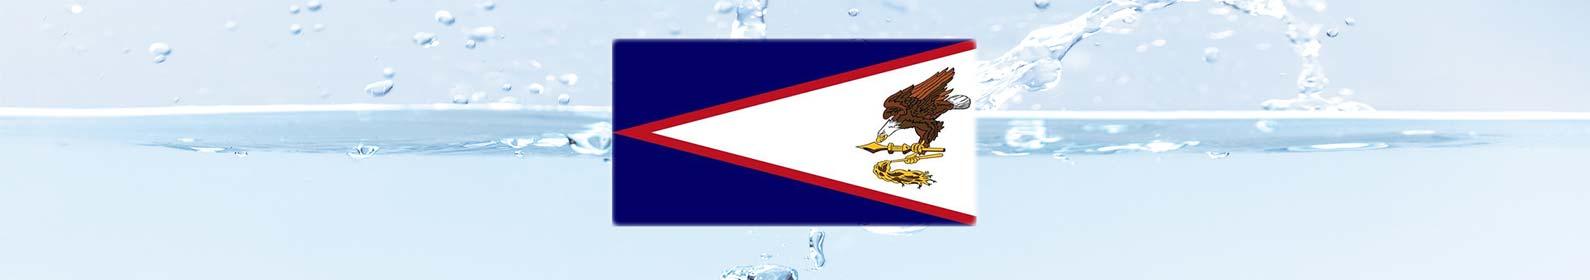 water-treatment-samoa-american.jpg